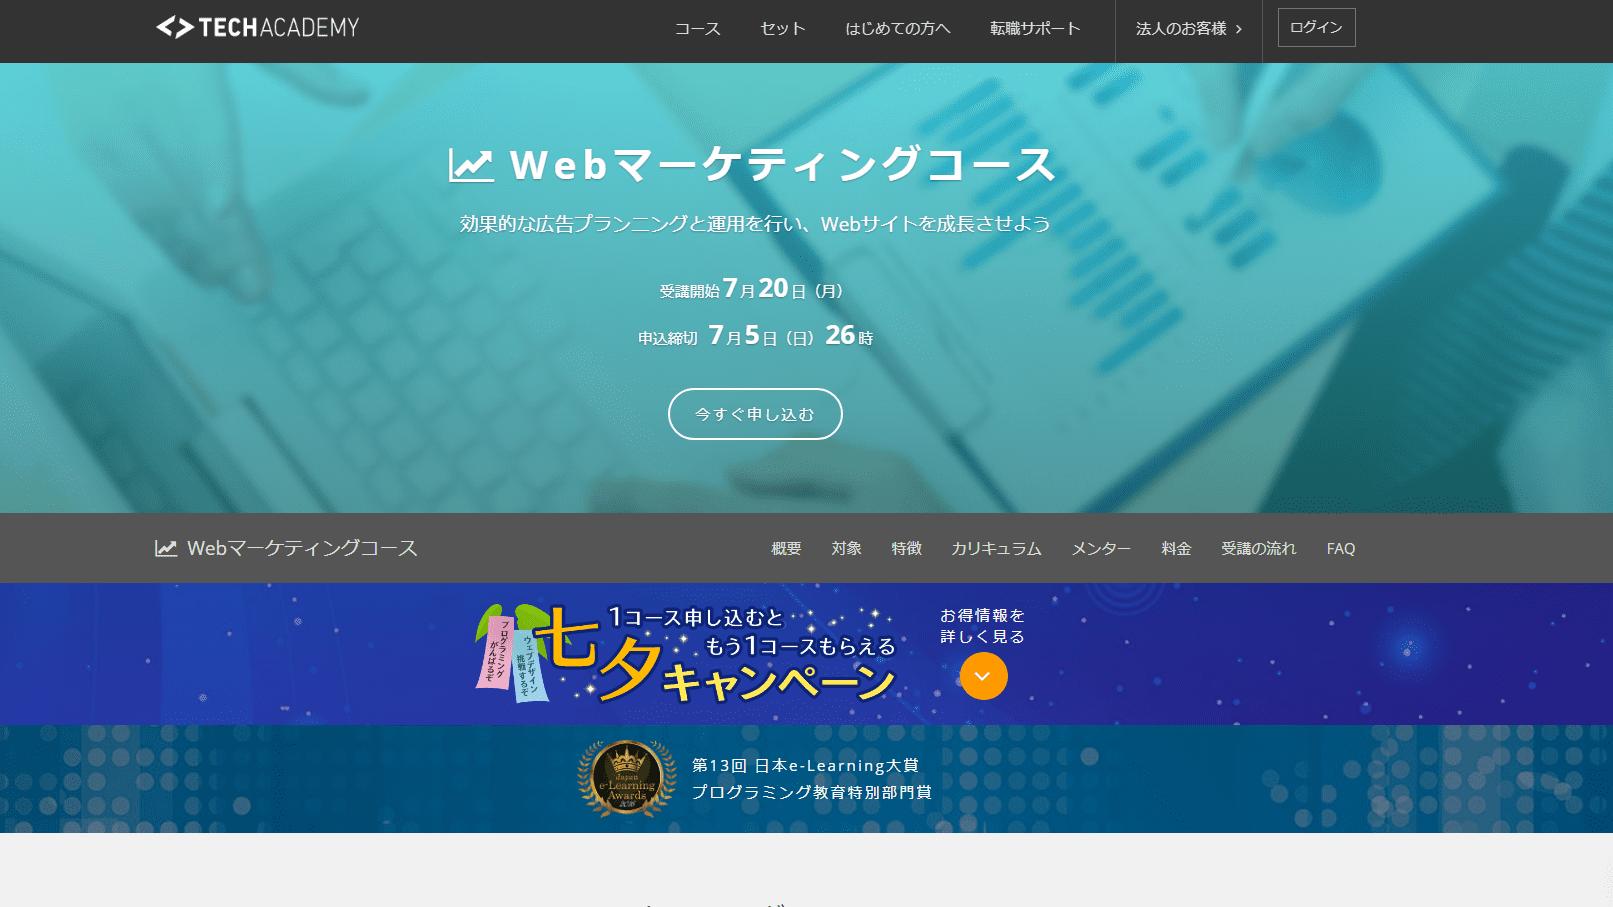 スクール web マーケティング